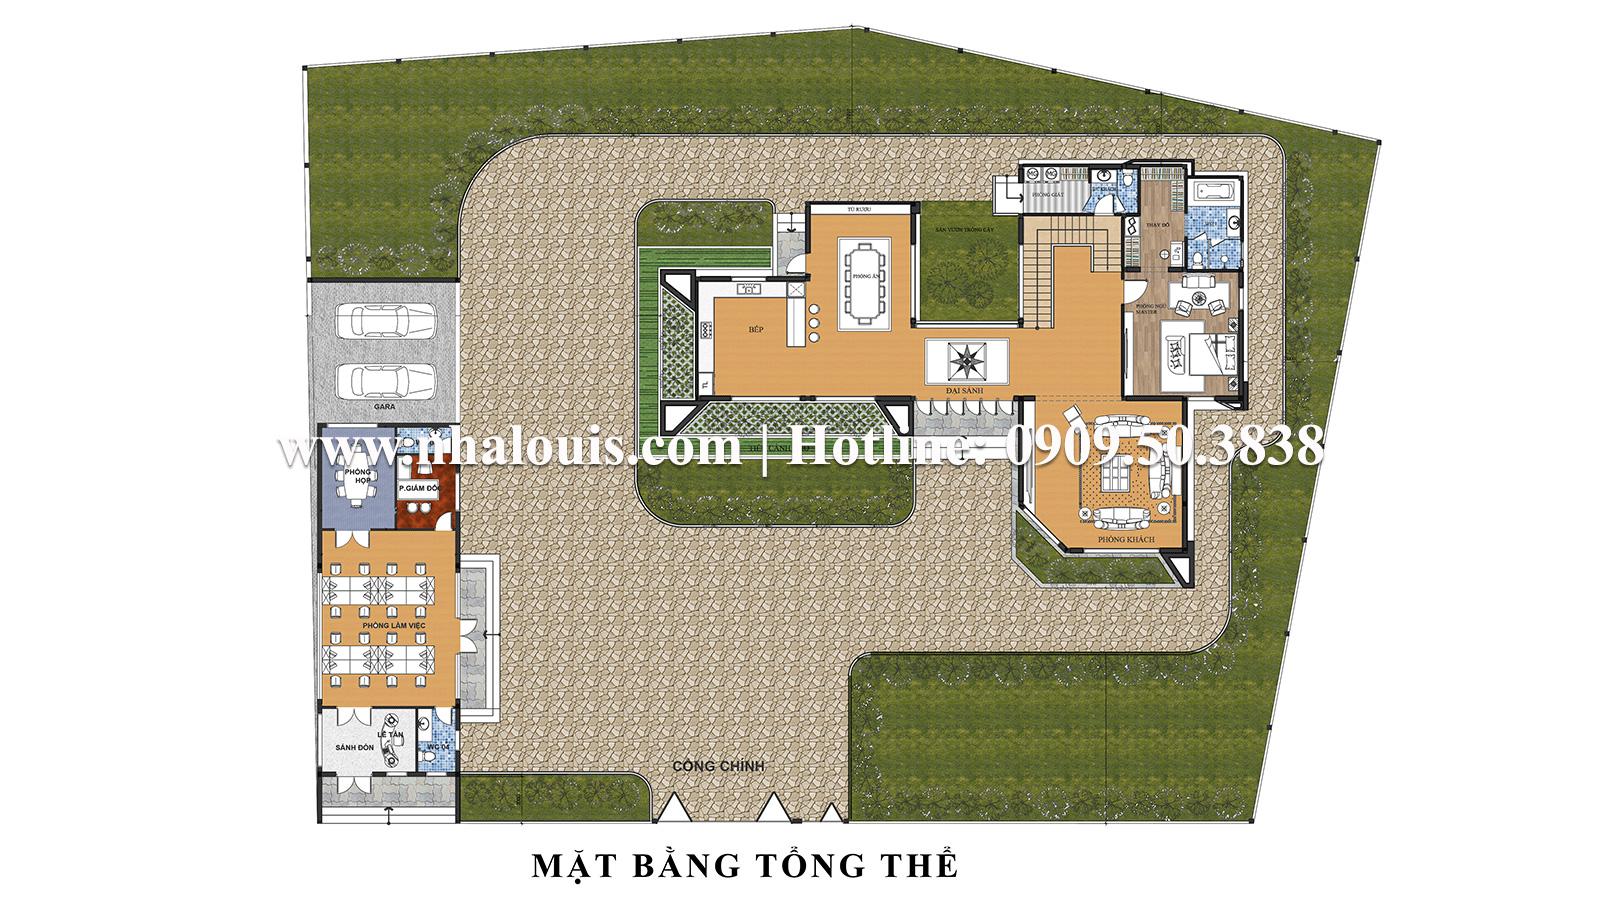 Mặt bằng tổng thể Mẫu biệt thự 2 tầng hiện đại và tinh tế tại đảo Phú Quốc - 09